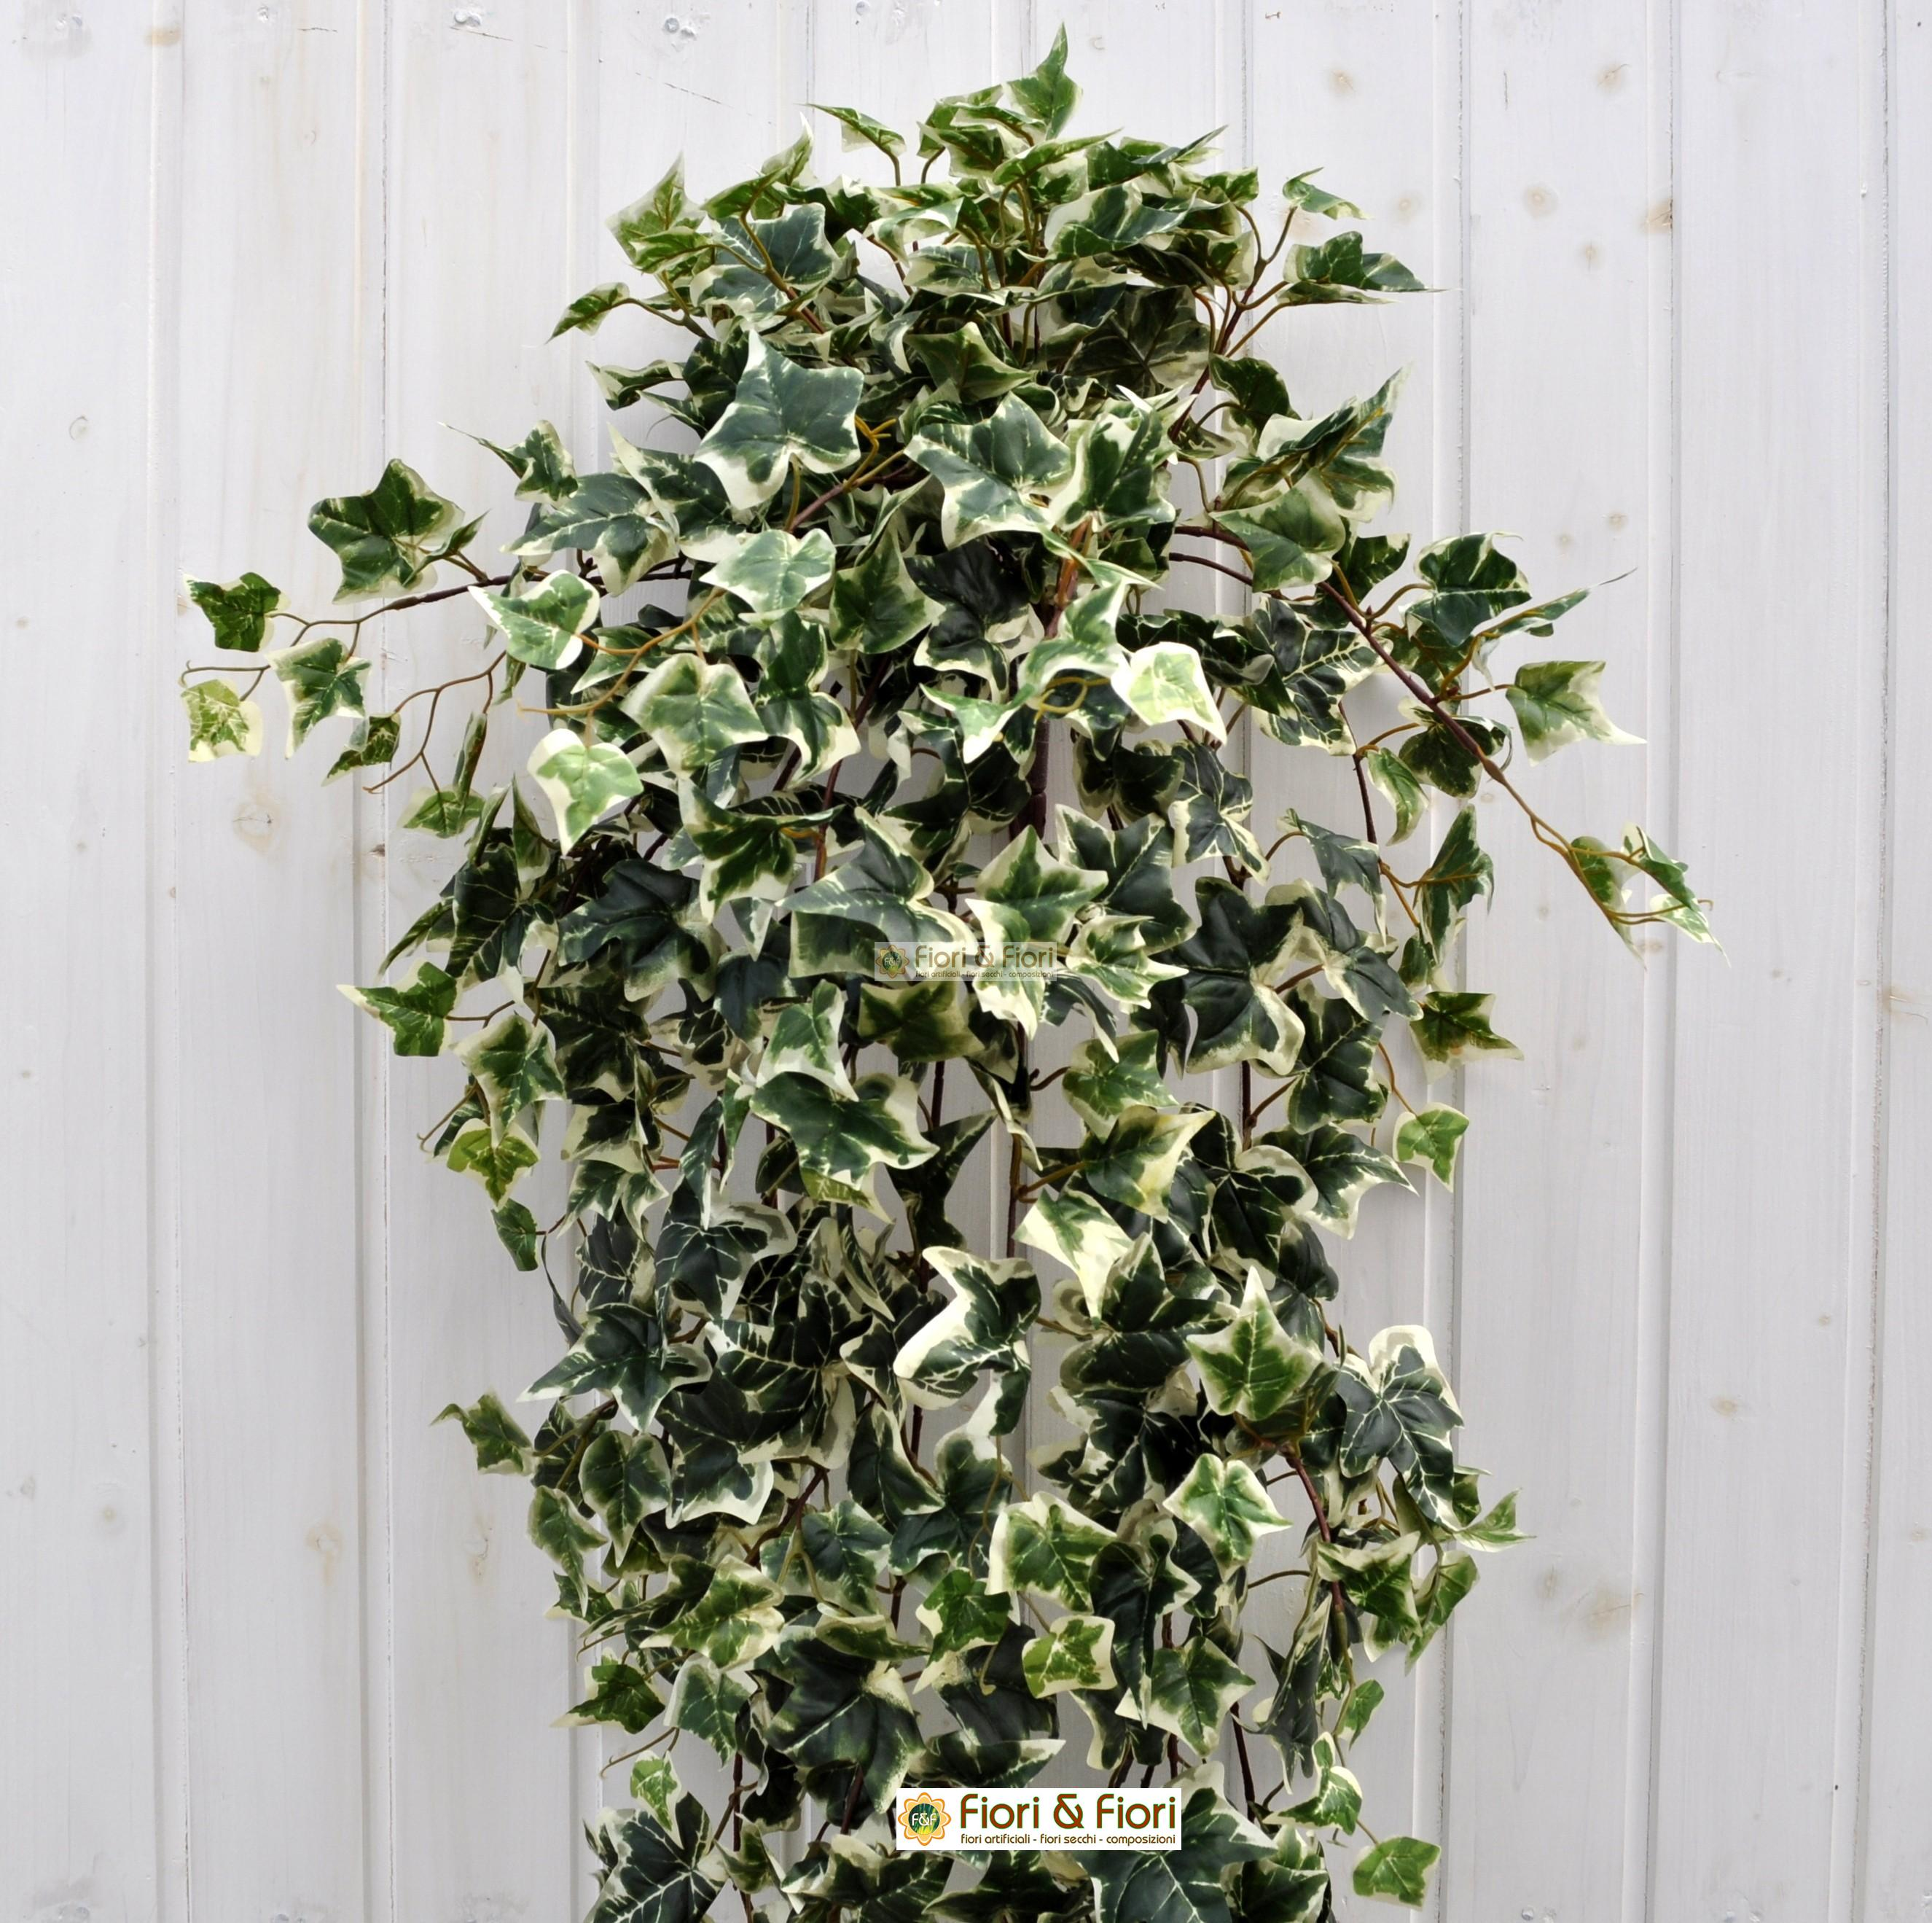 Pianta artificiale edera variegata maxi per arredamento - Edera da interno ...